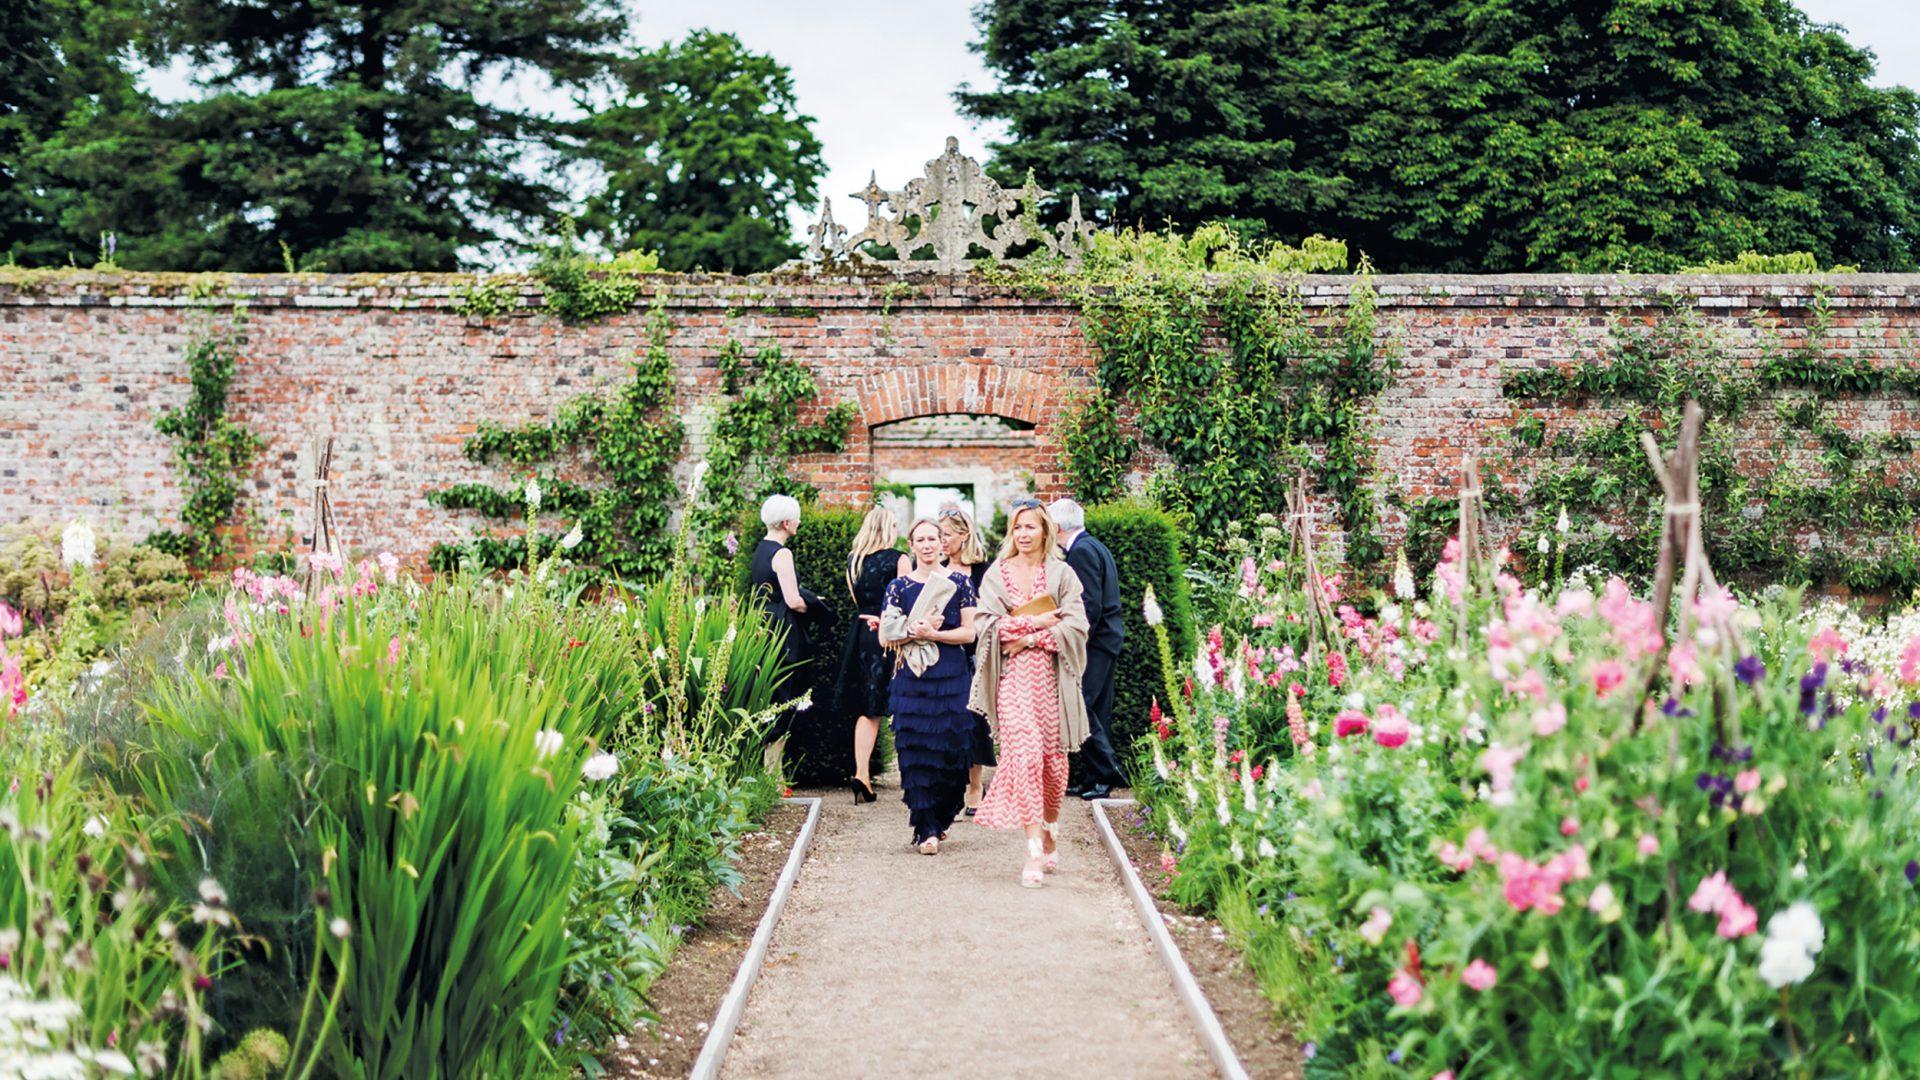 Nevill Holt Gardens